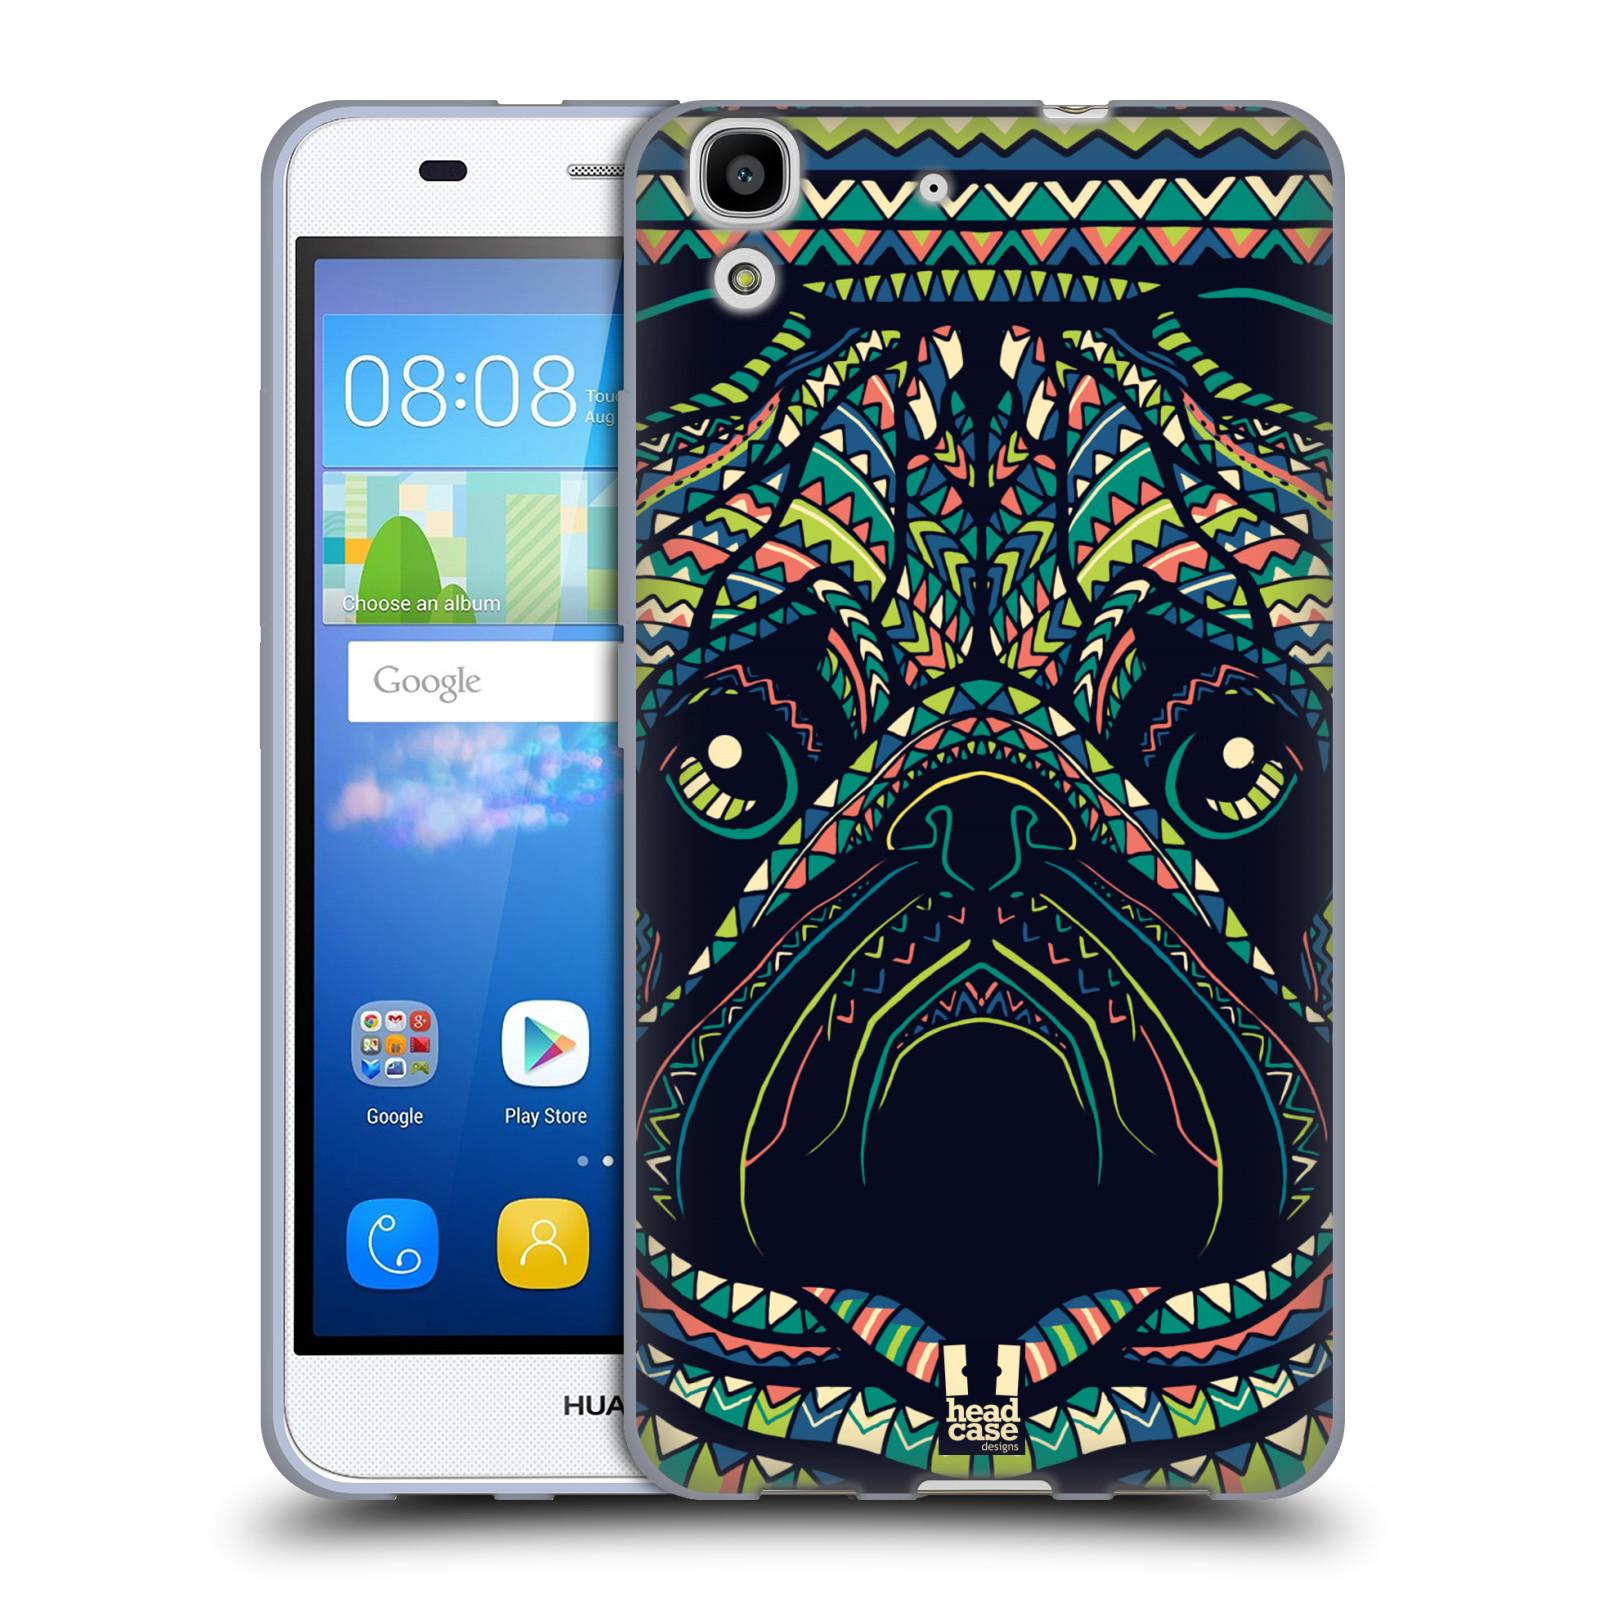 Silikonové pouzdro na mobil Huawei Y6 HEAD CASE AZTEC MOPS